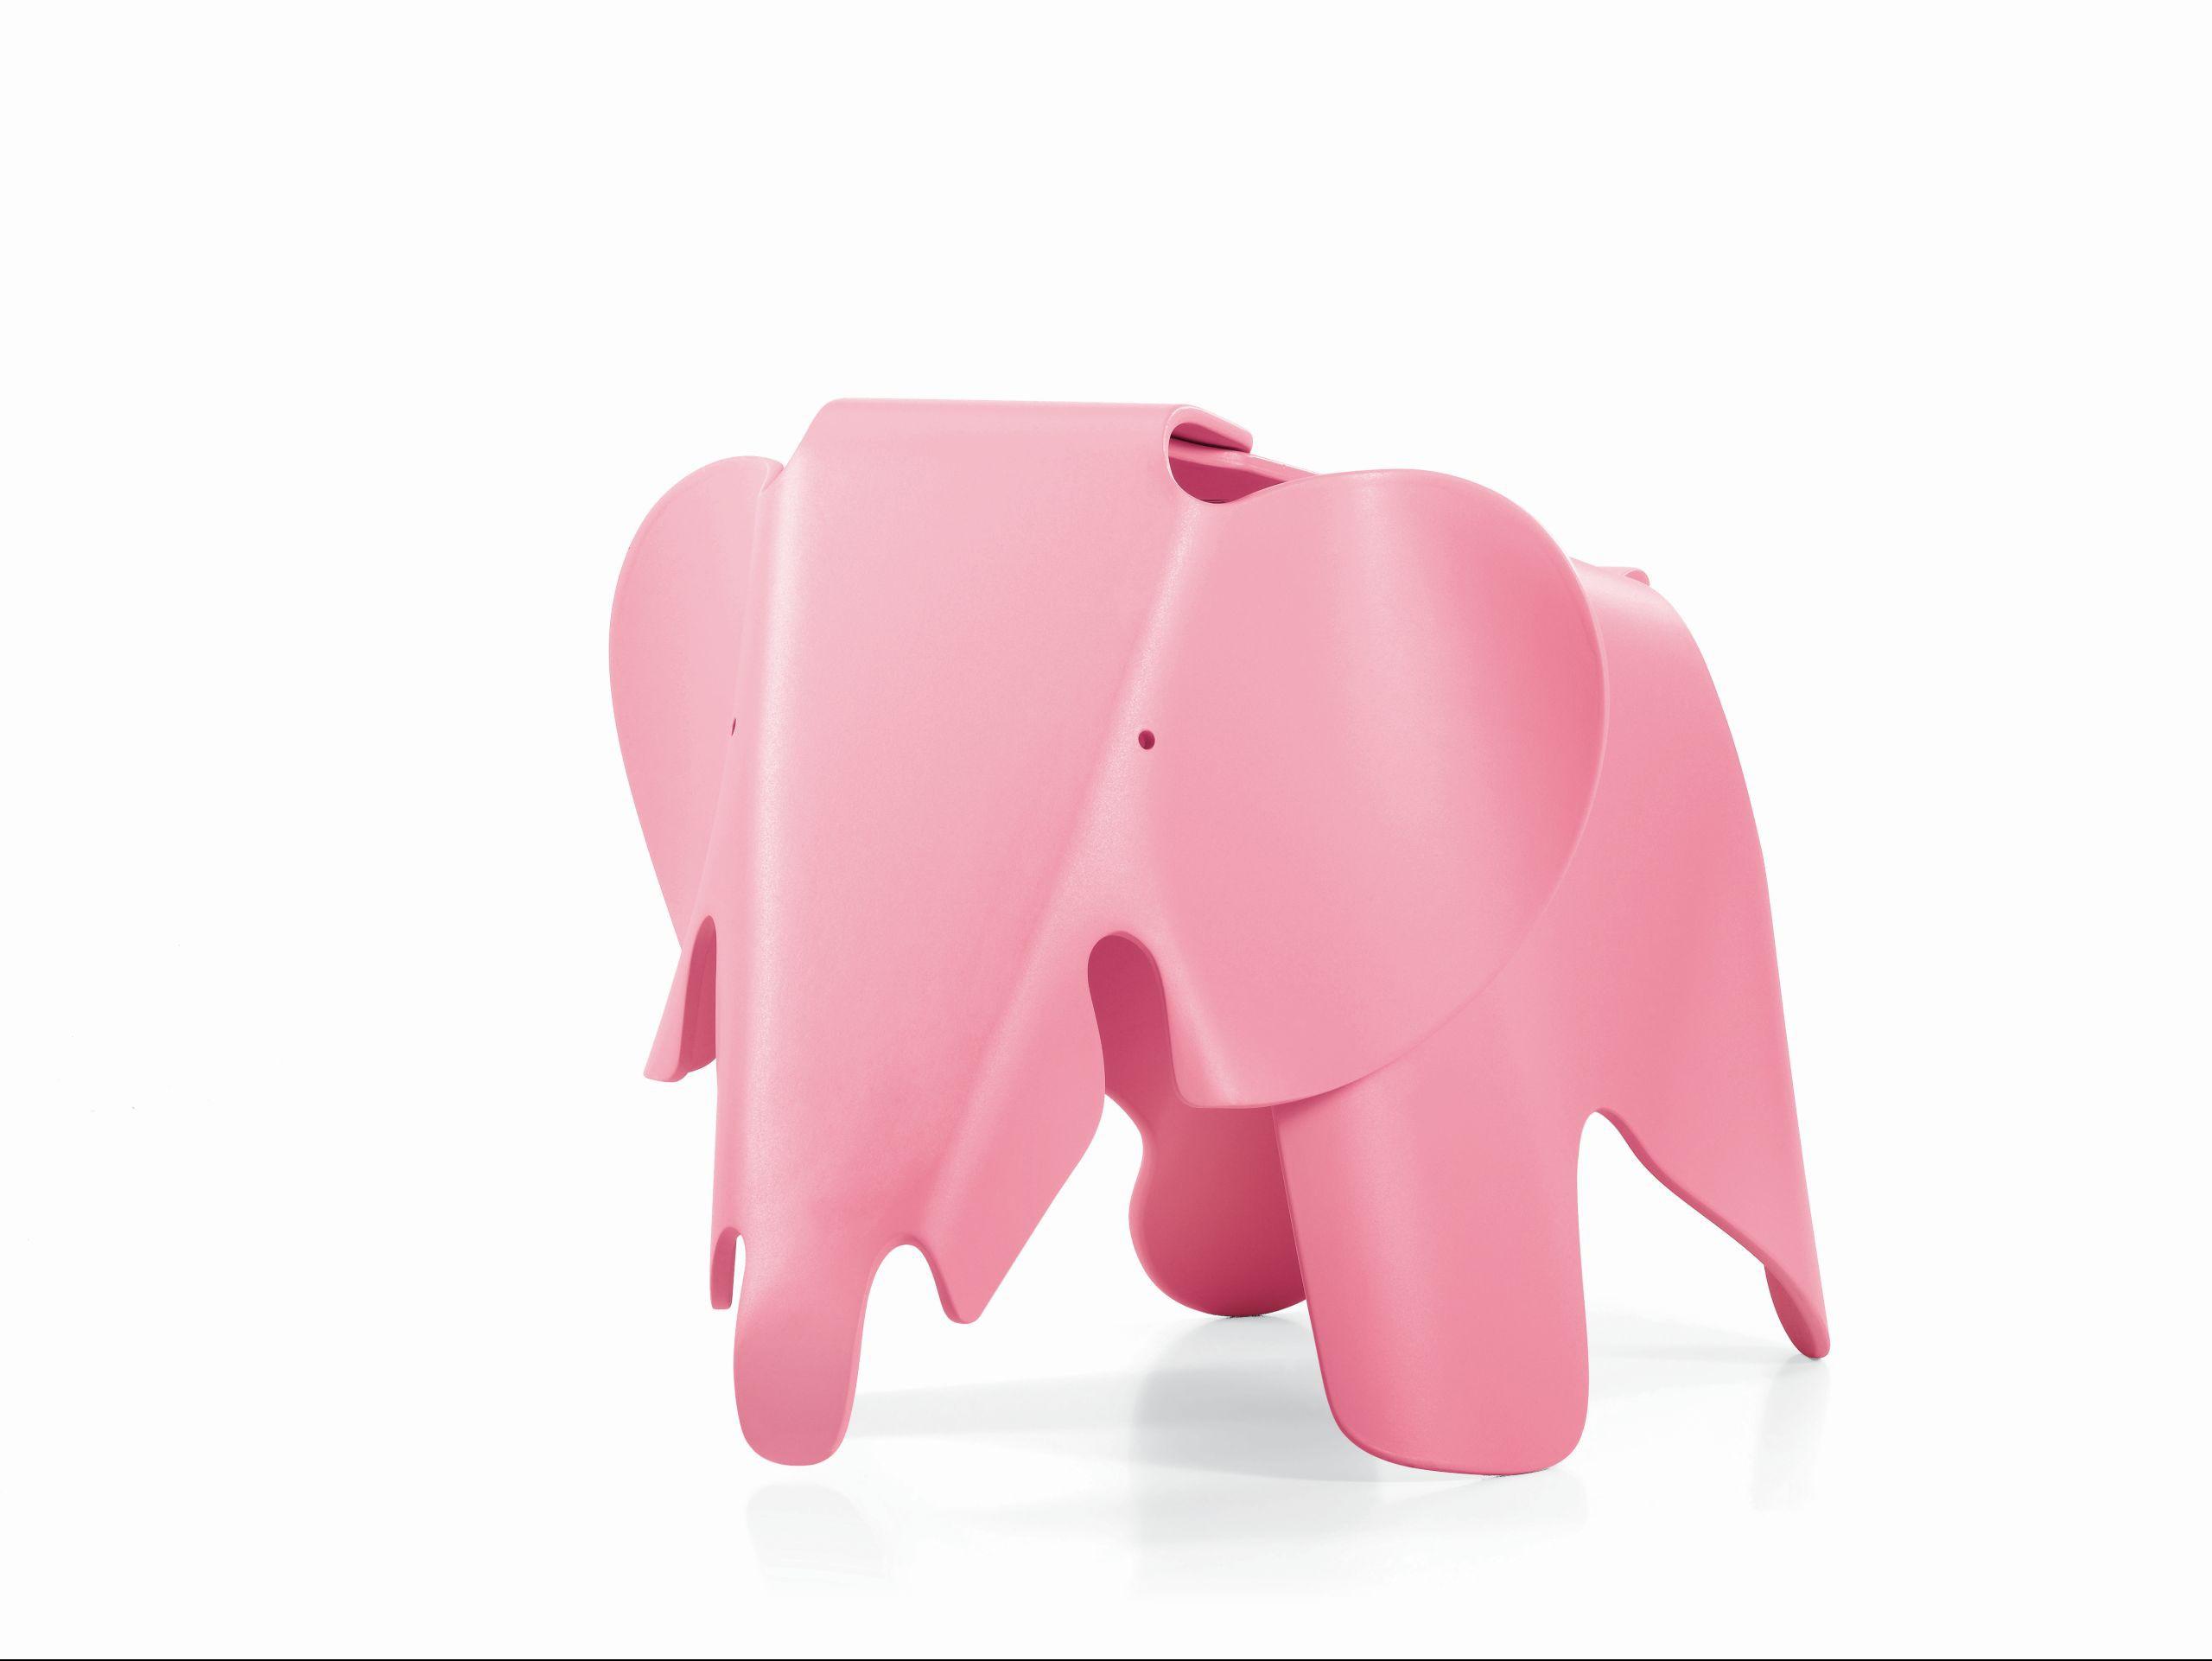 Stolik różowy słoń.jpg